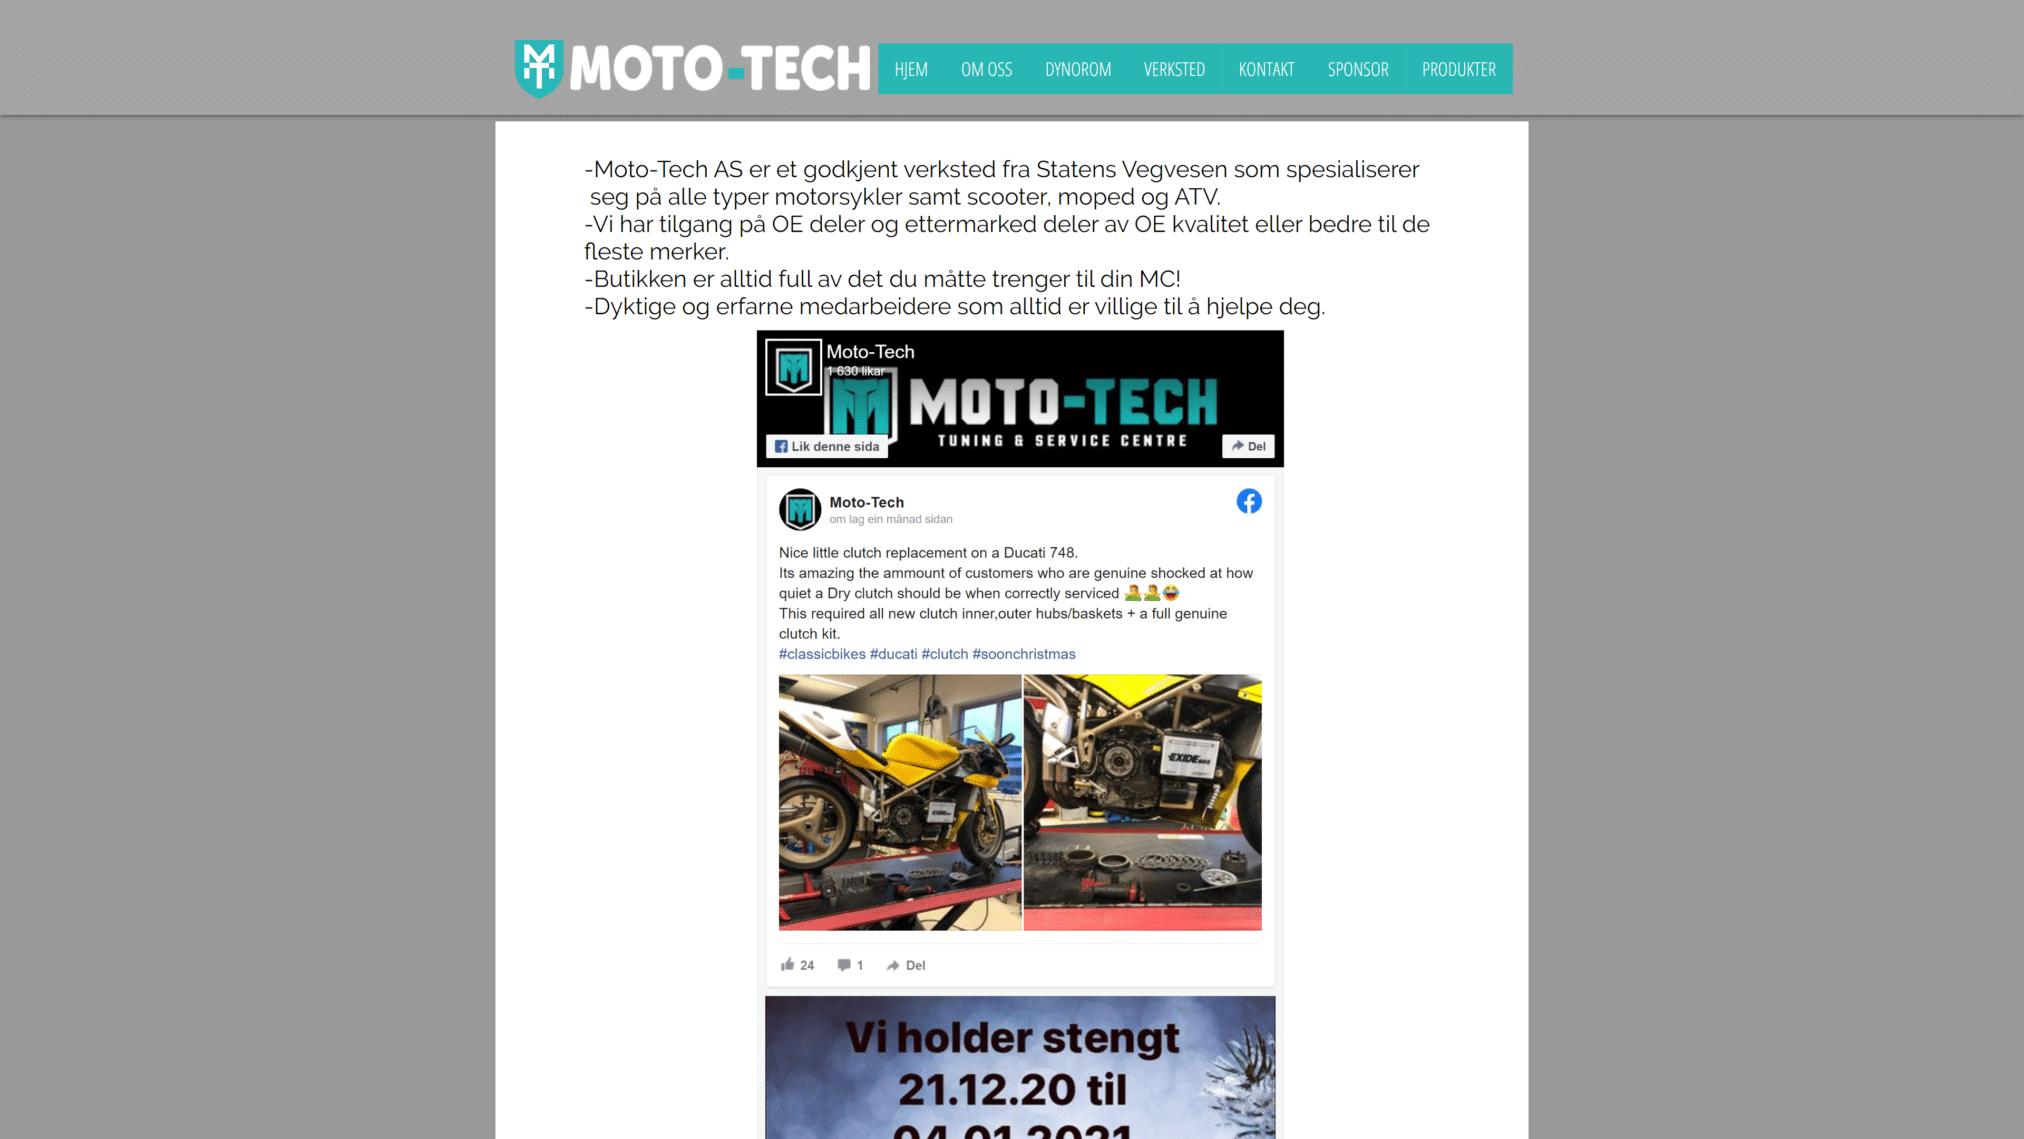 Moto Tech Home